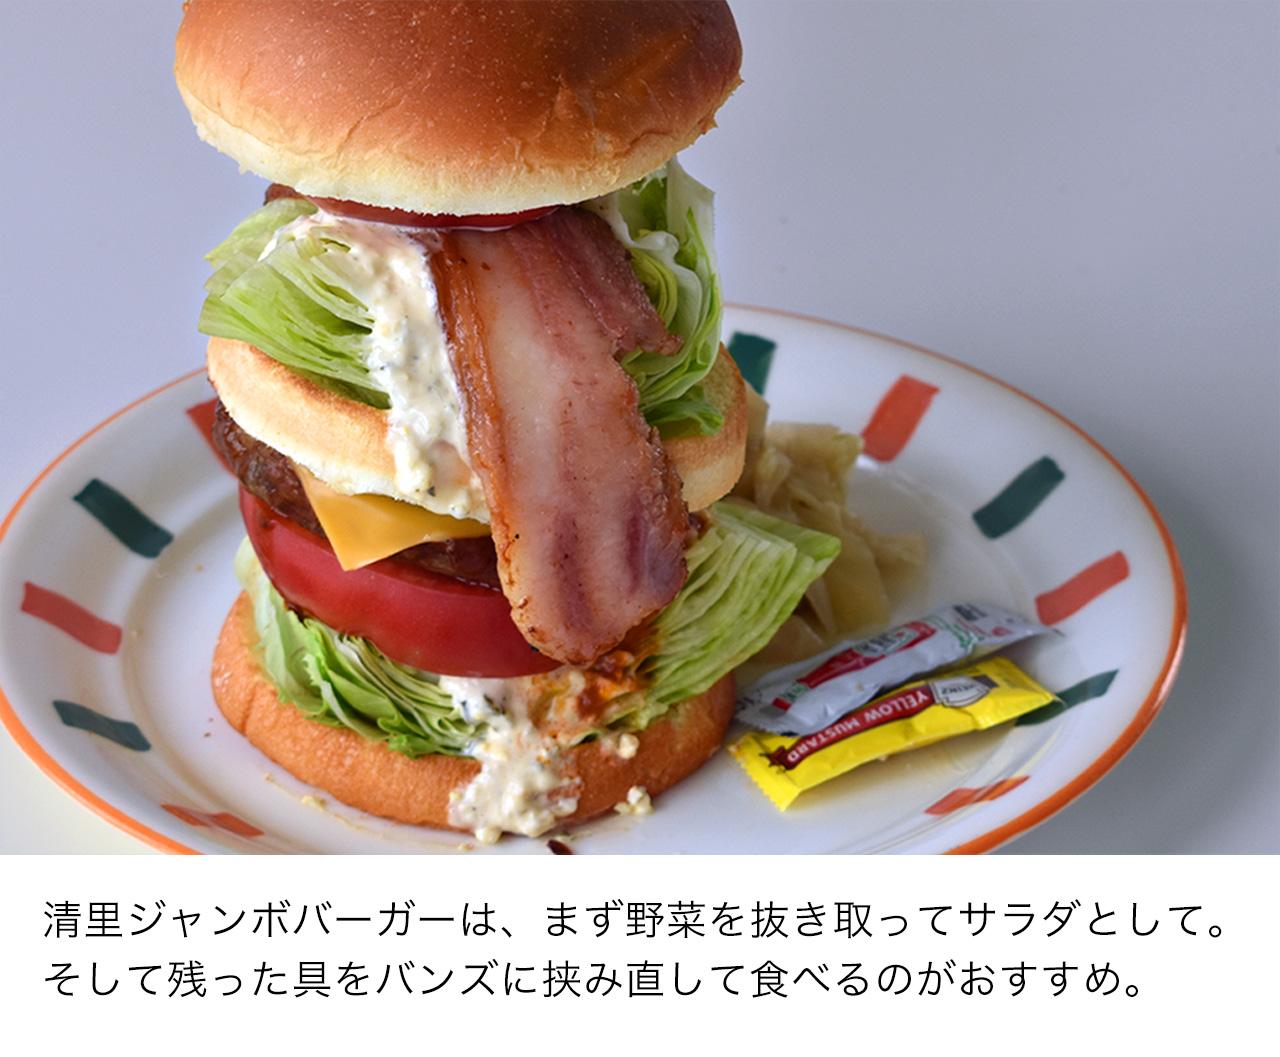 清里ジャンボバーガーは、まず野菜を抜き取ってサラダとして。そして残った具をバンズに挟み直して食べるのがおすすめ。